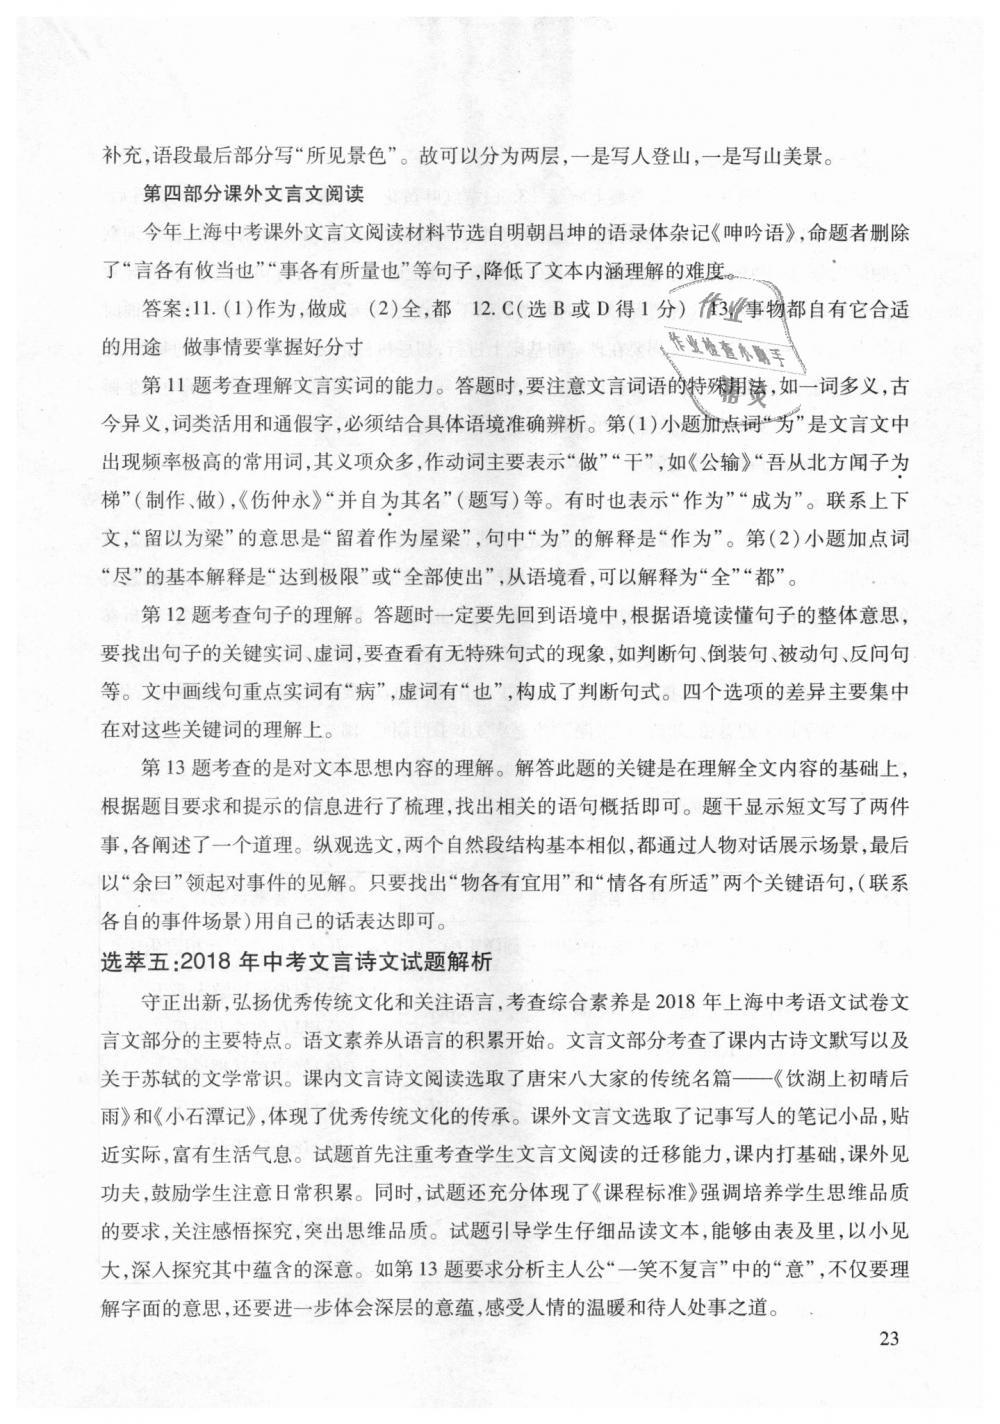 2018年中考文言诗文考试篇目点击九年级语文沪教版第23页